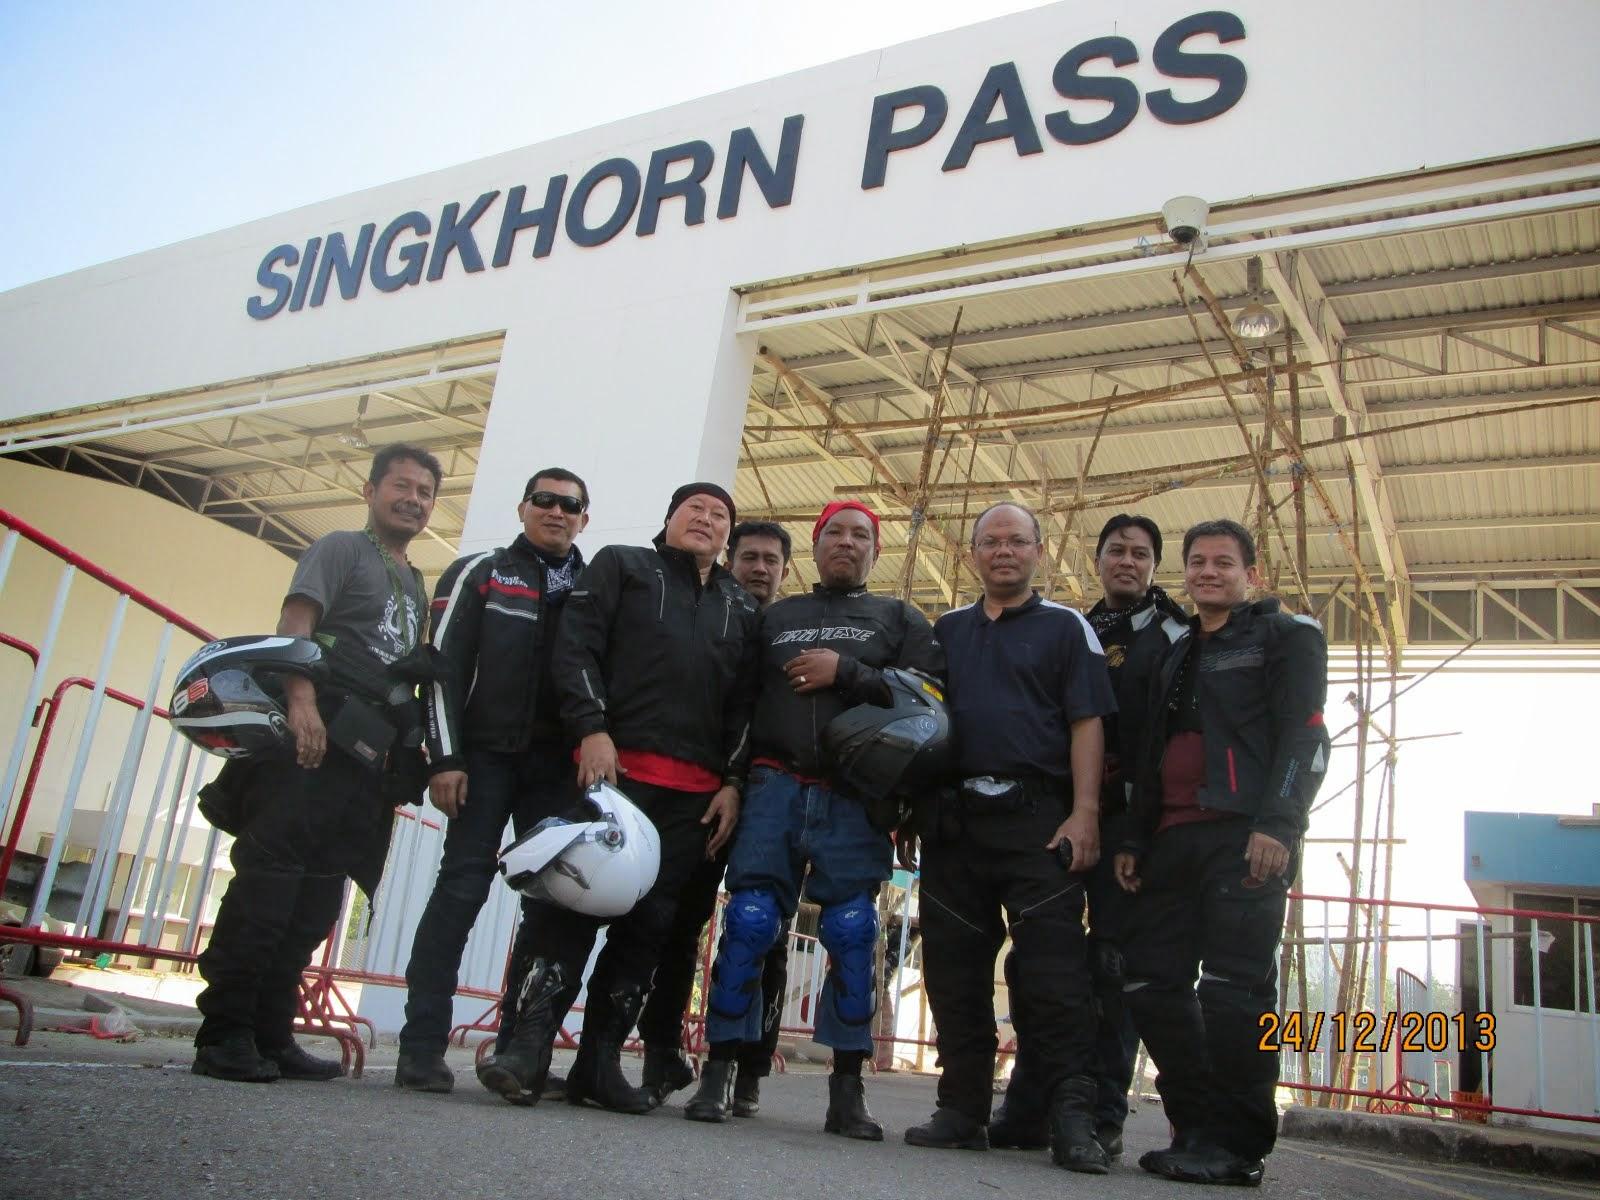 Singkhorn Pass ..